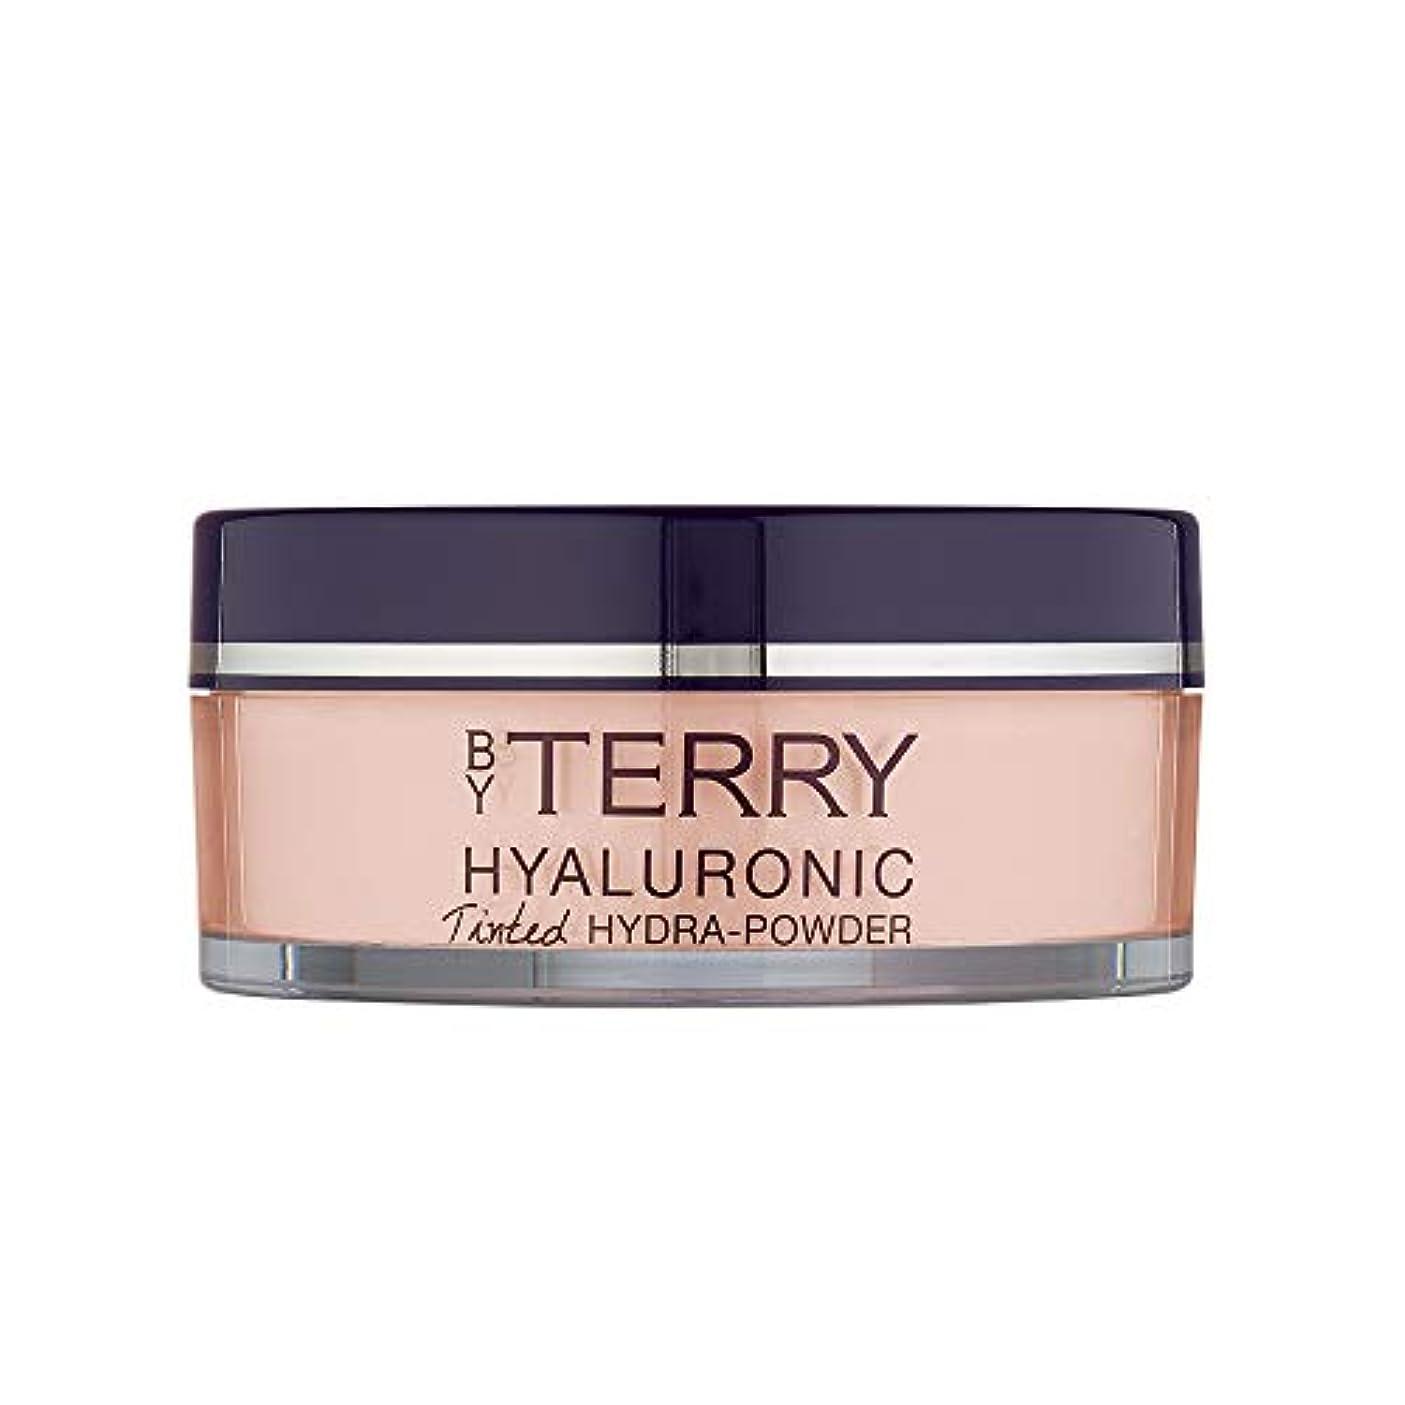 ストライドお互い農学バイテリー Hyaluronic Tinted Hydra Care Setting Powder - # 200 Natural 10g/0.35oz並行輸入品